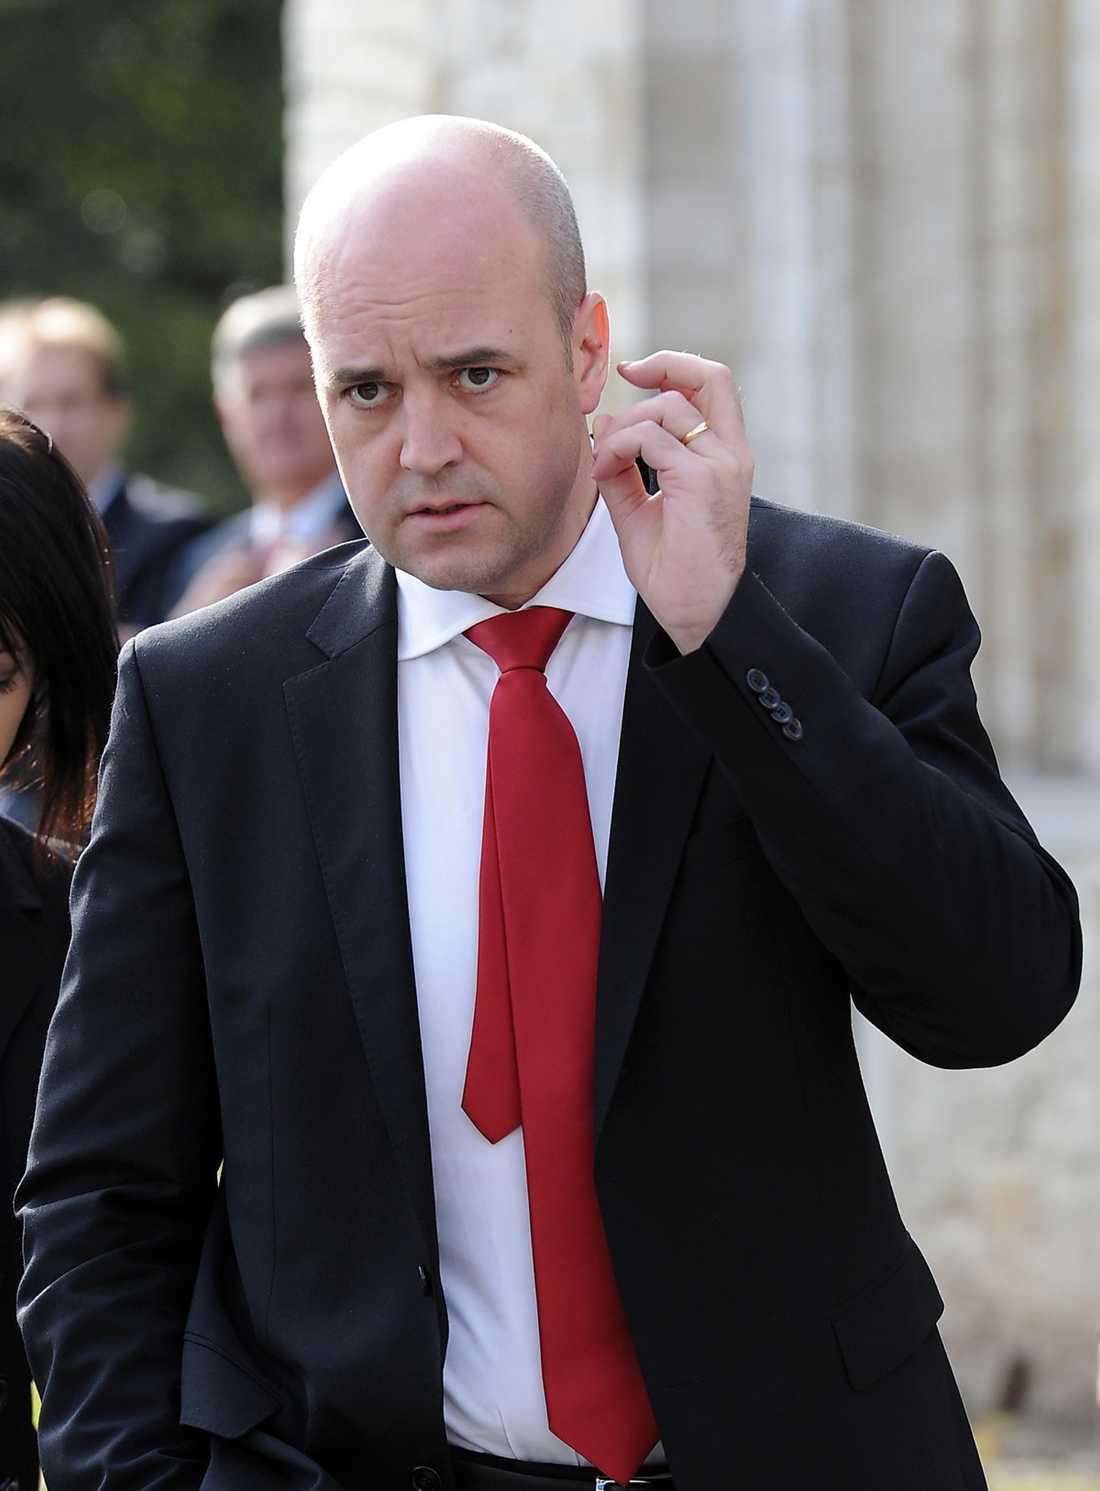 FÖRHALAR NEDERLAGET Fredrik Reinfeldt och hans regering tar i dag sommarlov. Och de slipper göra det som förlorare i den omdebatterade sjukförsäkringsfrågan. I går kväll använde de den sista livlinan och begärde att få frågan skickad till socialförsäkringsutskottet på återremiss. Nu kan oppositionens förslag till förändringar gå igenom först i höst.